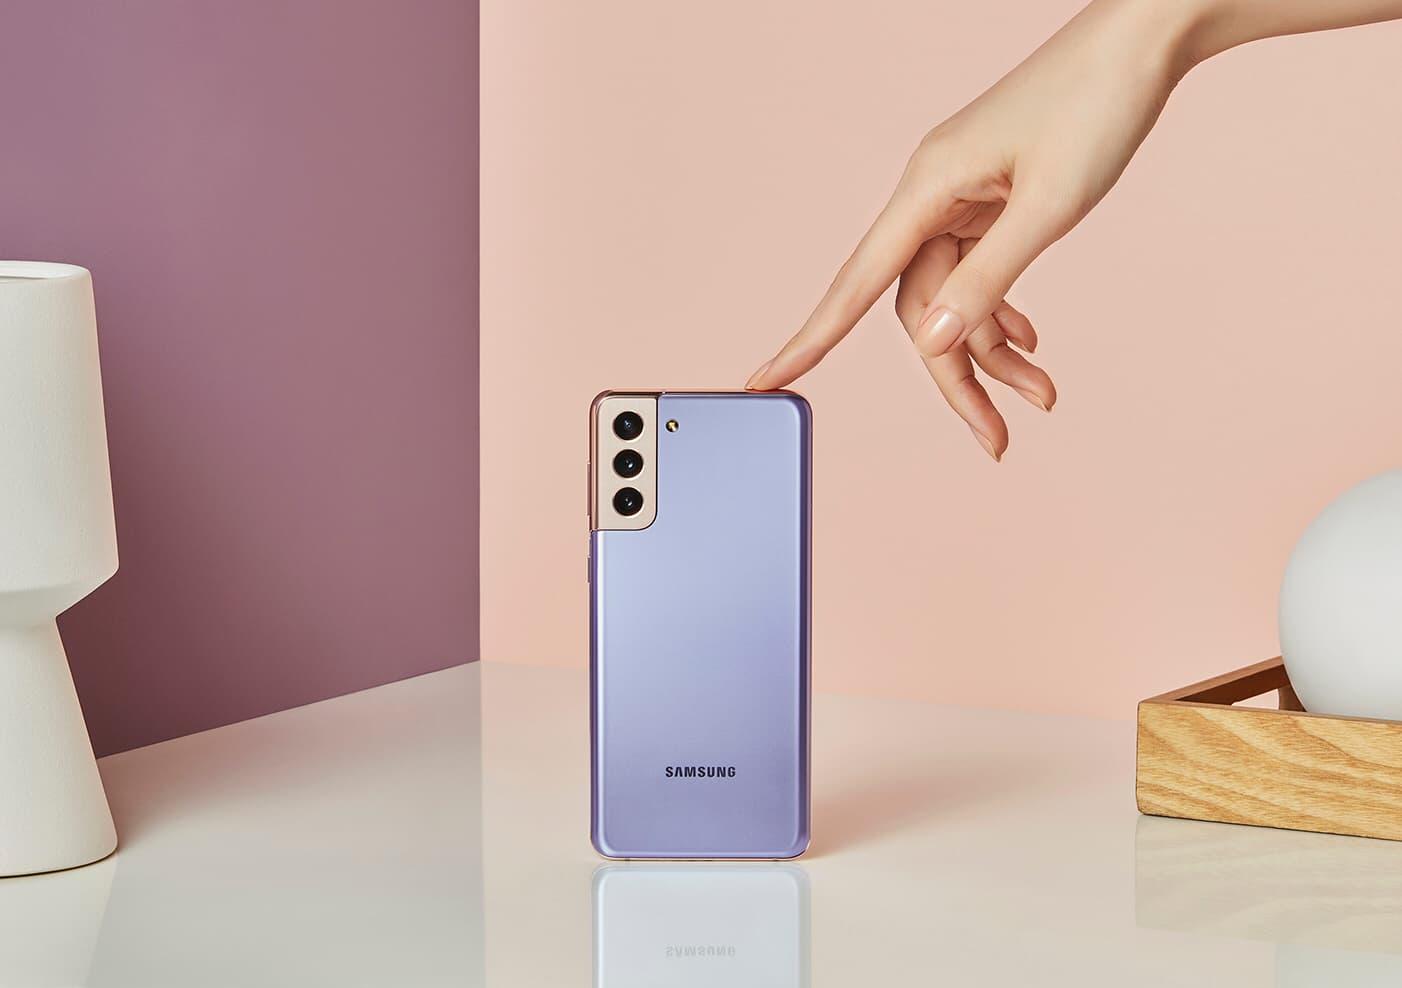 Samsung har nu presenterat Galaxy S21-serien